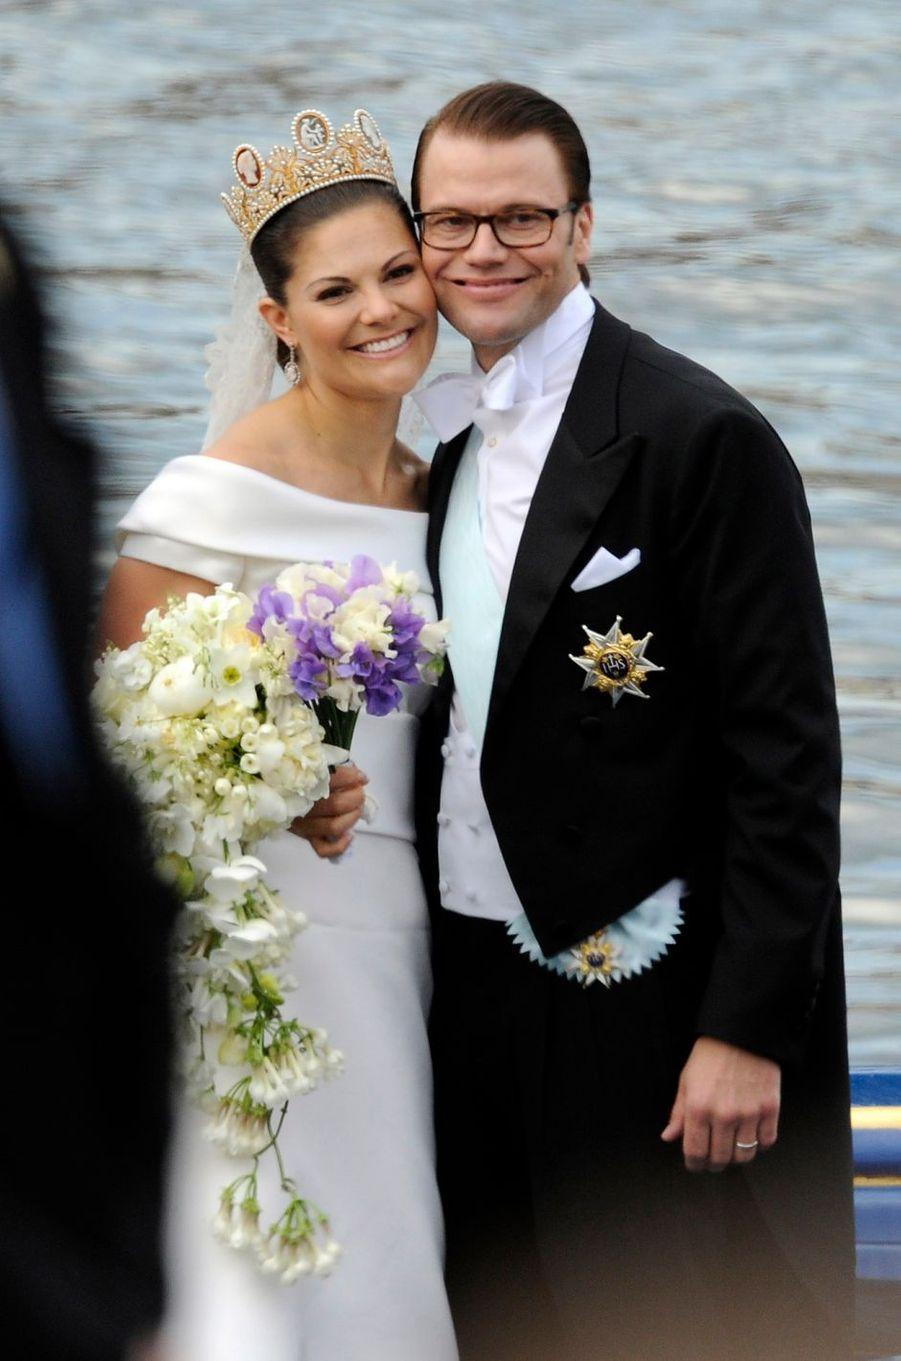 La princesse Victoria de Suède, le jour de son mariage le 19 juin 2010